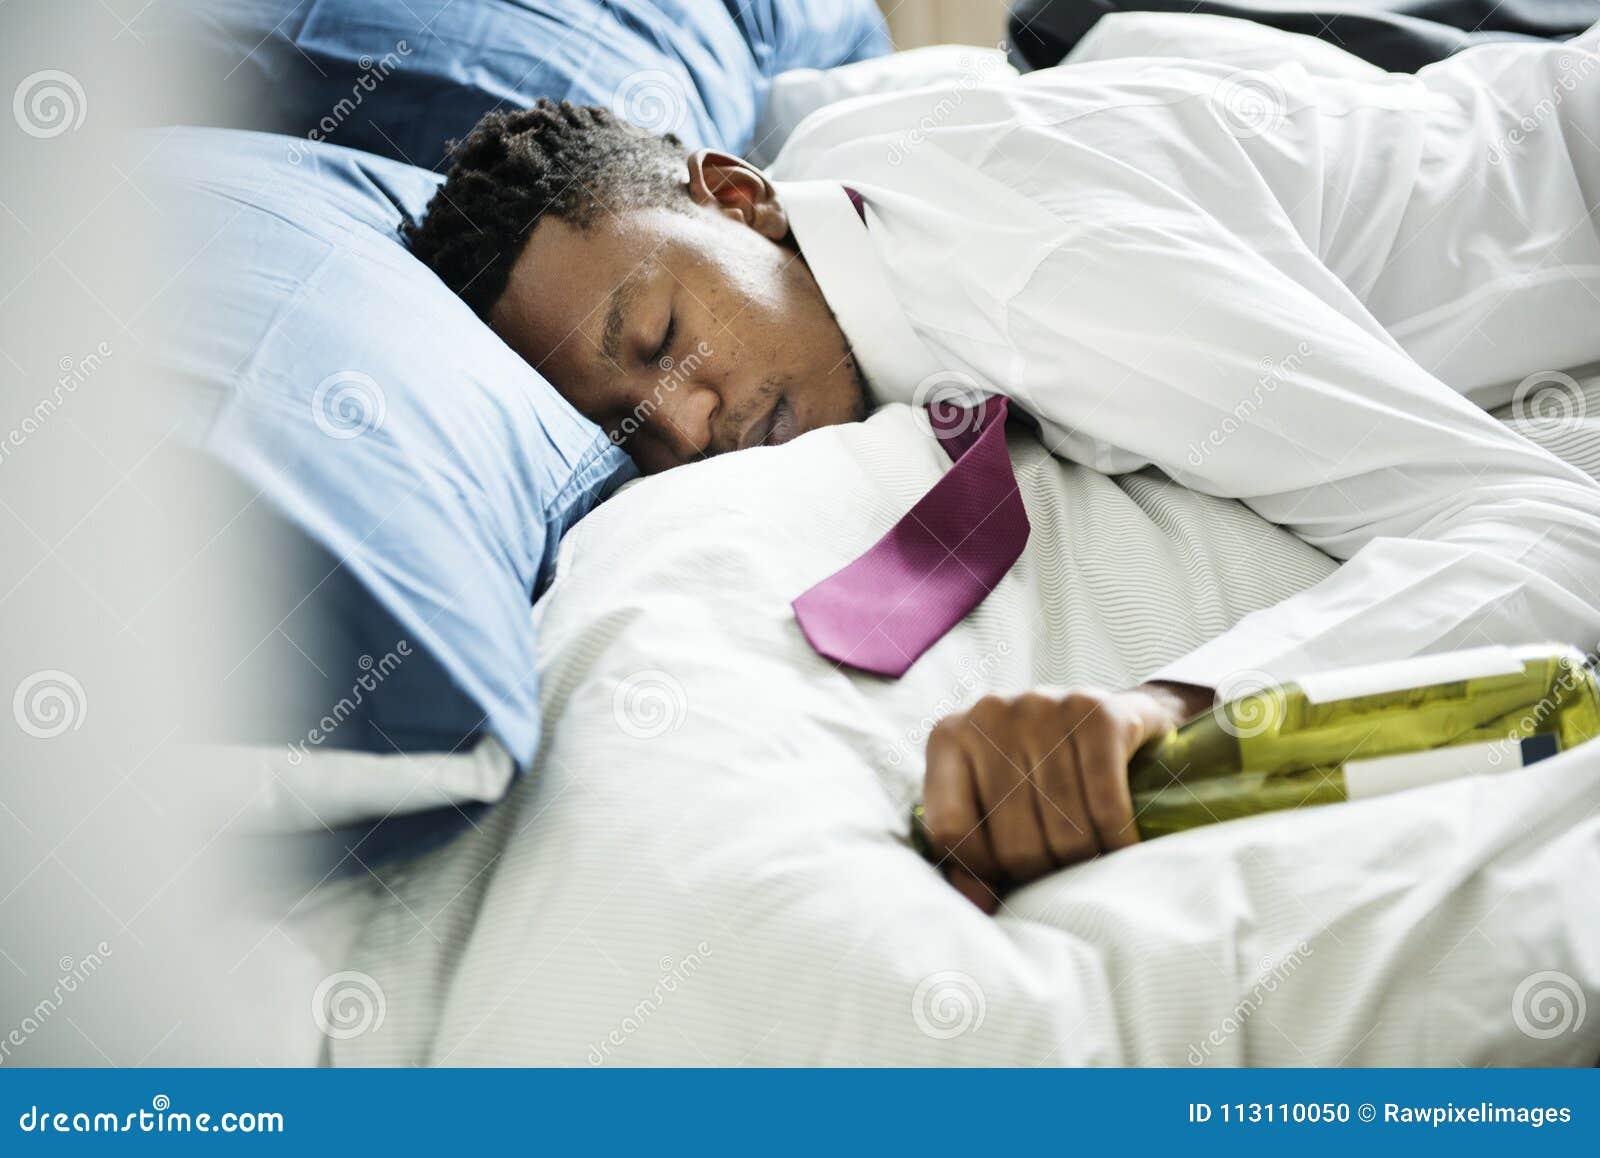 Un homme ivre passant dans le lit